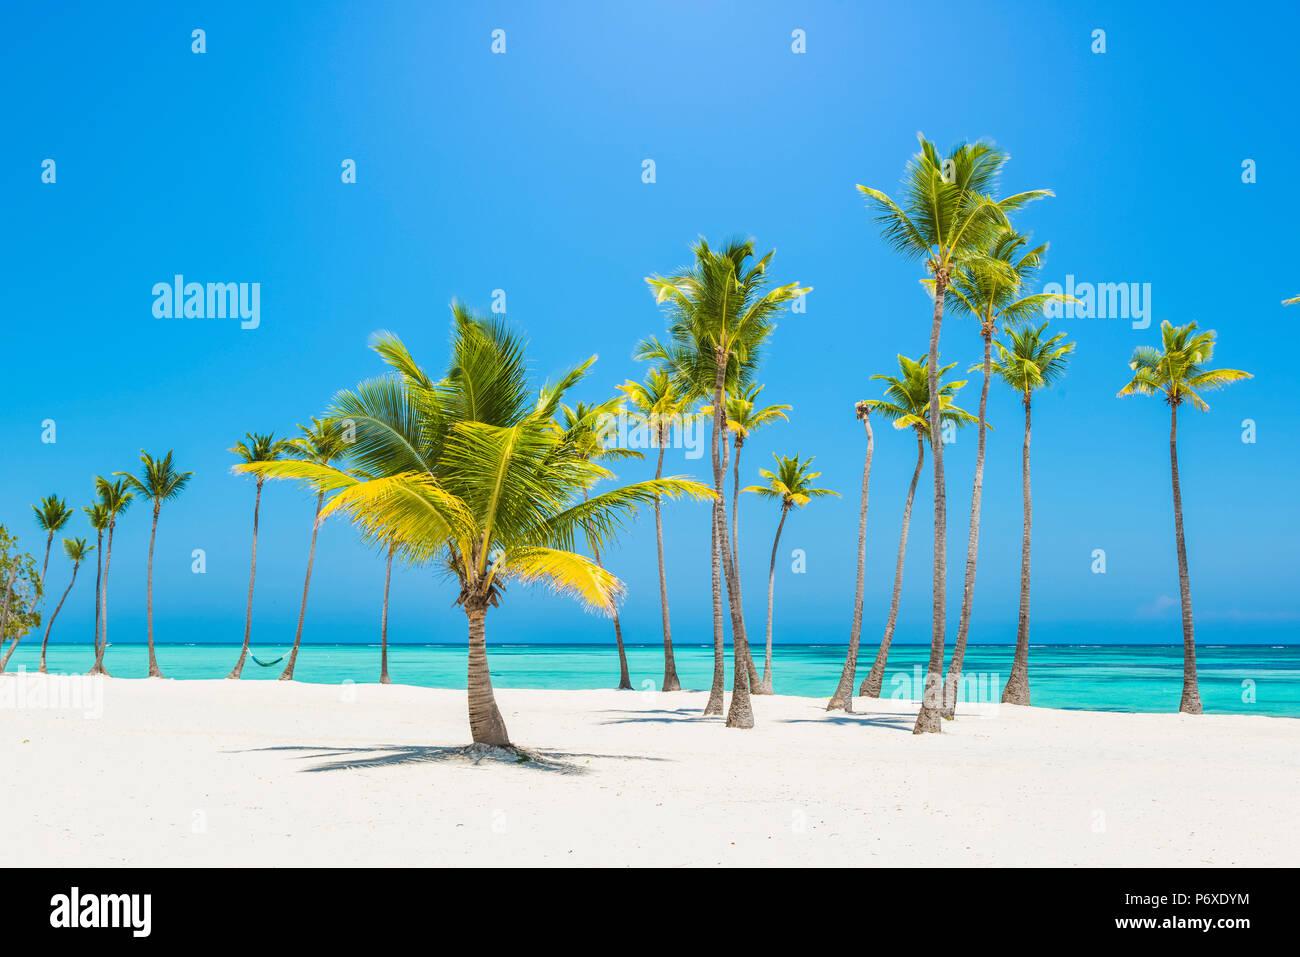 Juanillo Beach (Playa Juanillo, Punta Cana, República Dominicana. Imagen De Stock